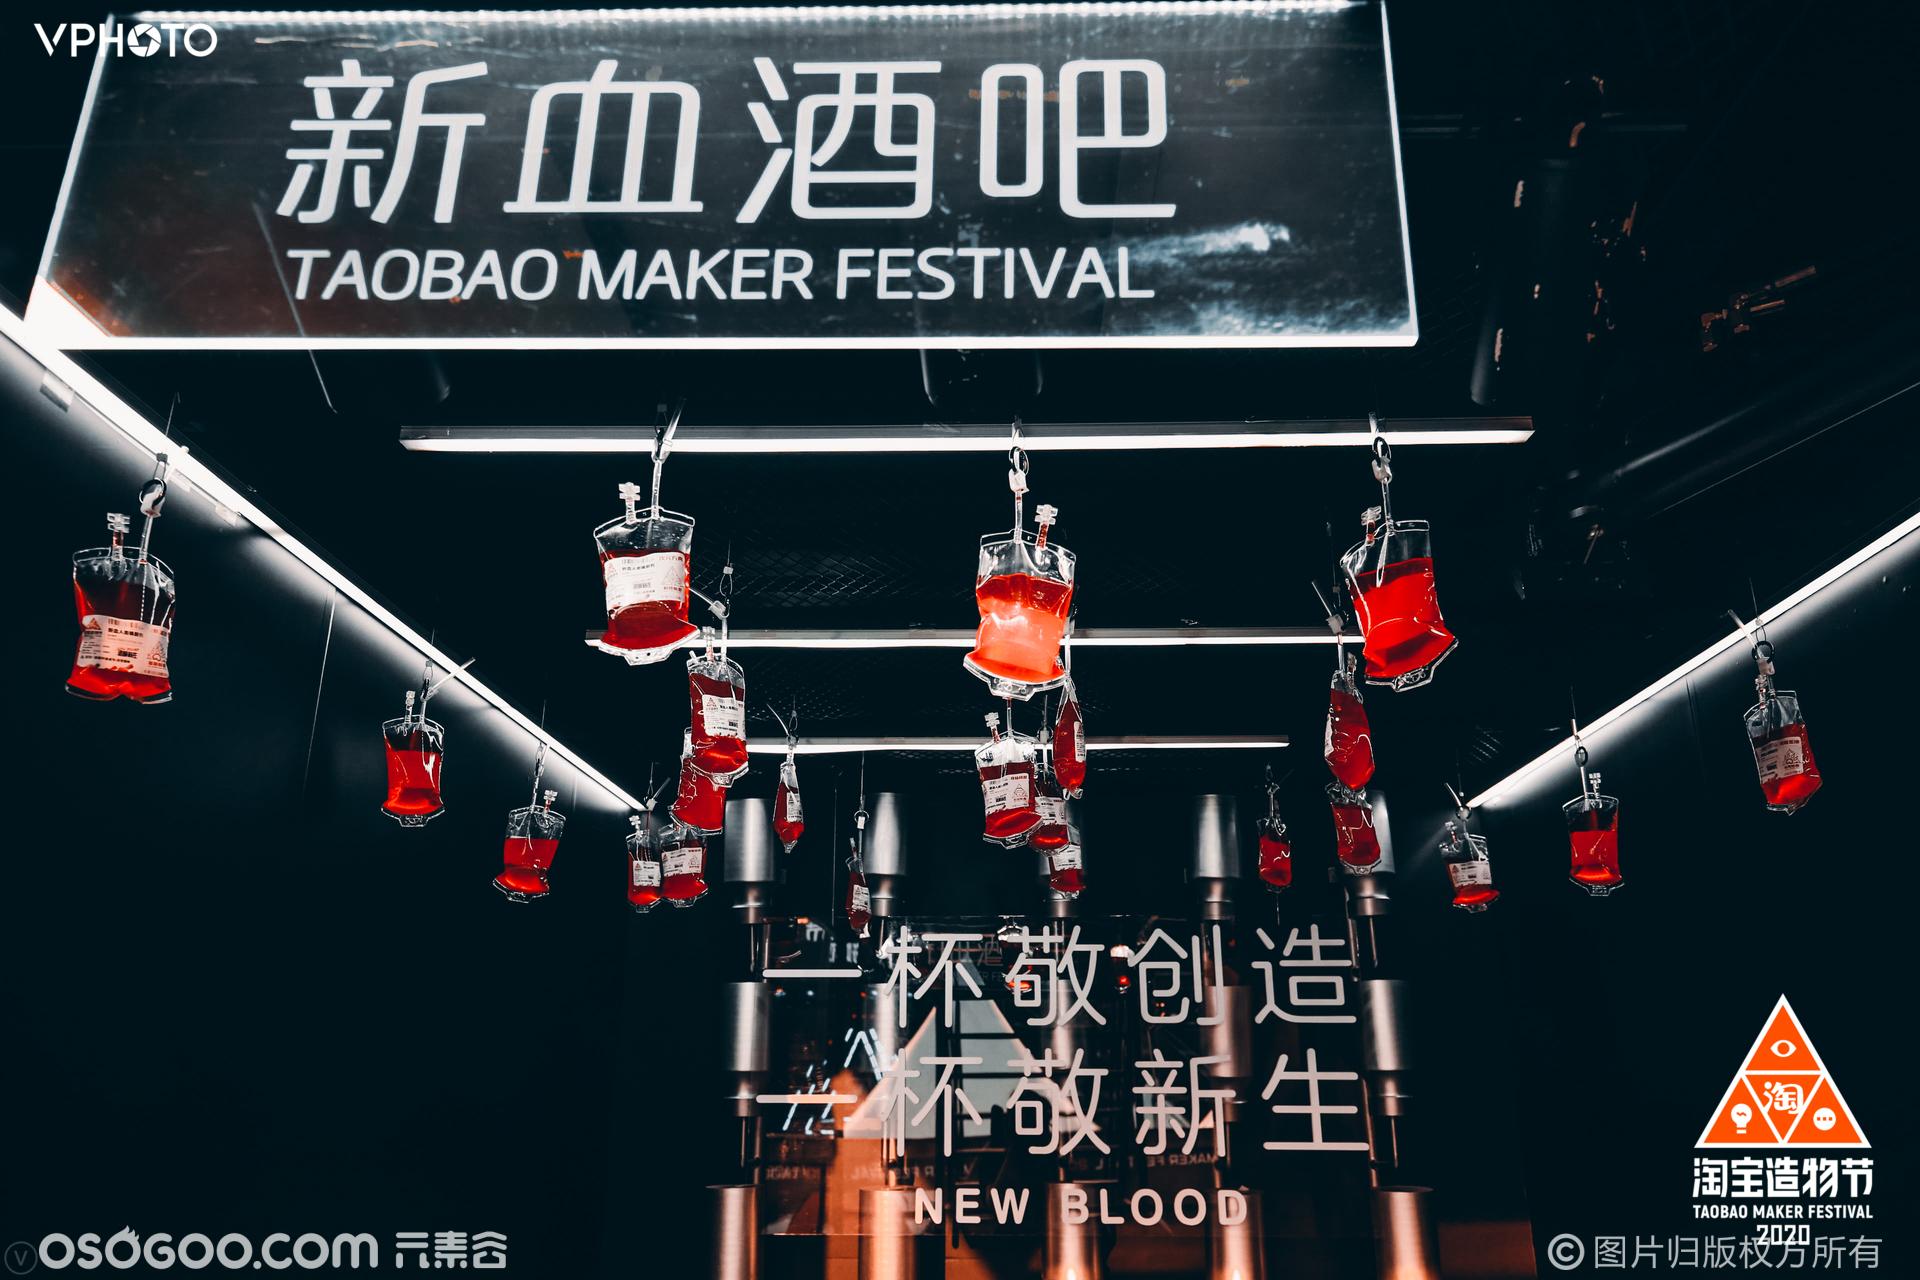 淘宝造物节2020—西安站